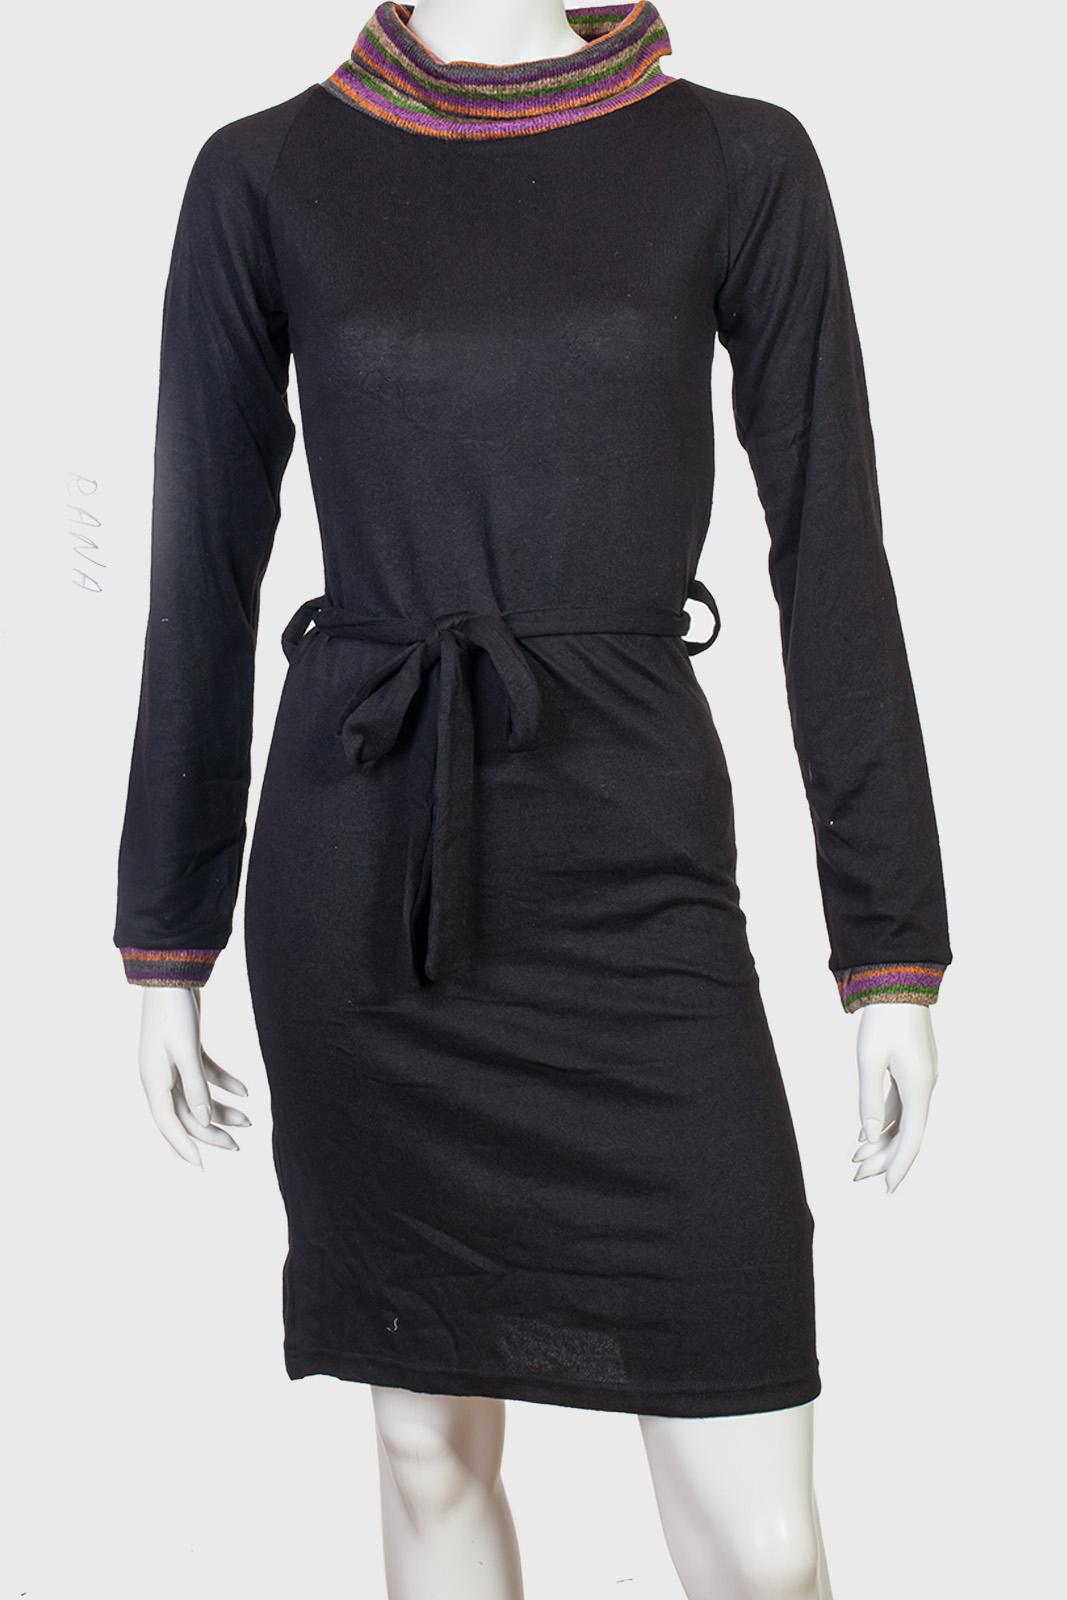 Платье-свитер Rana с пояском.